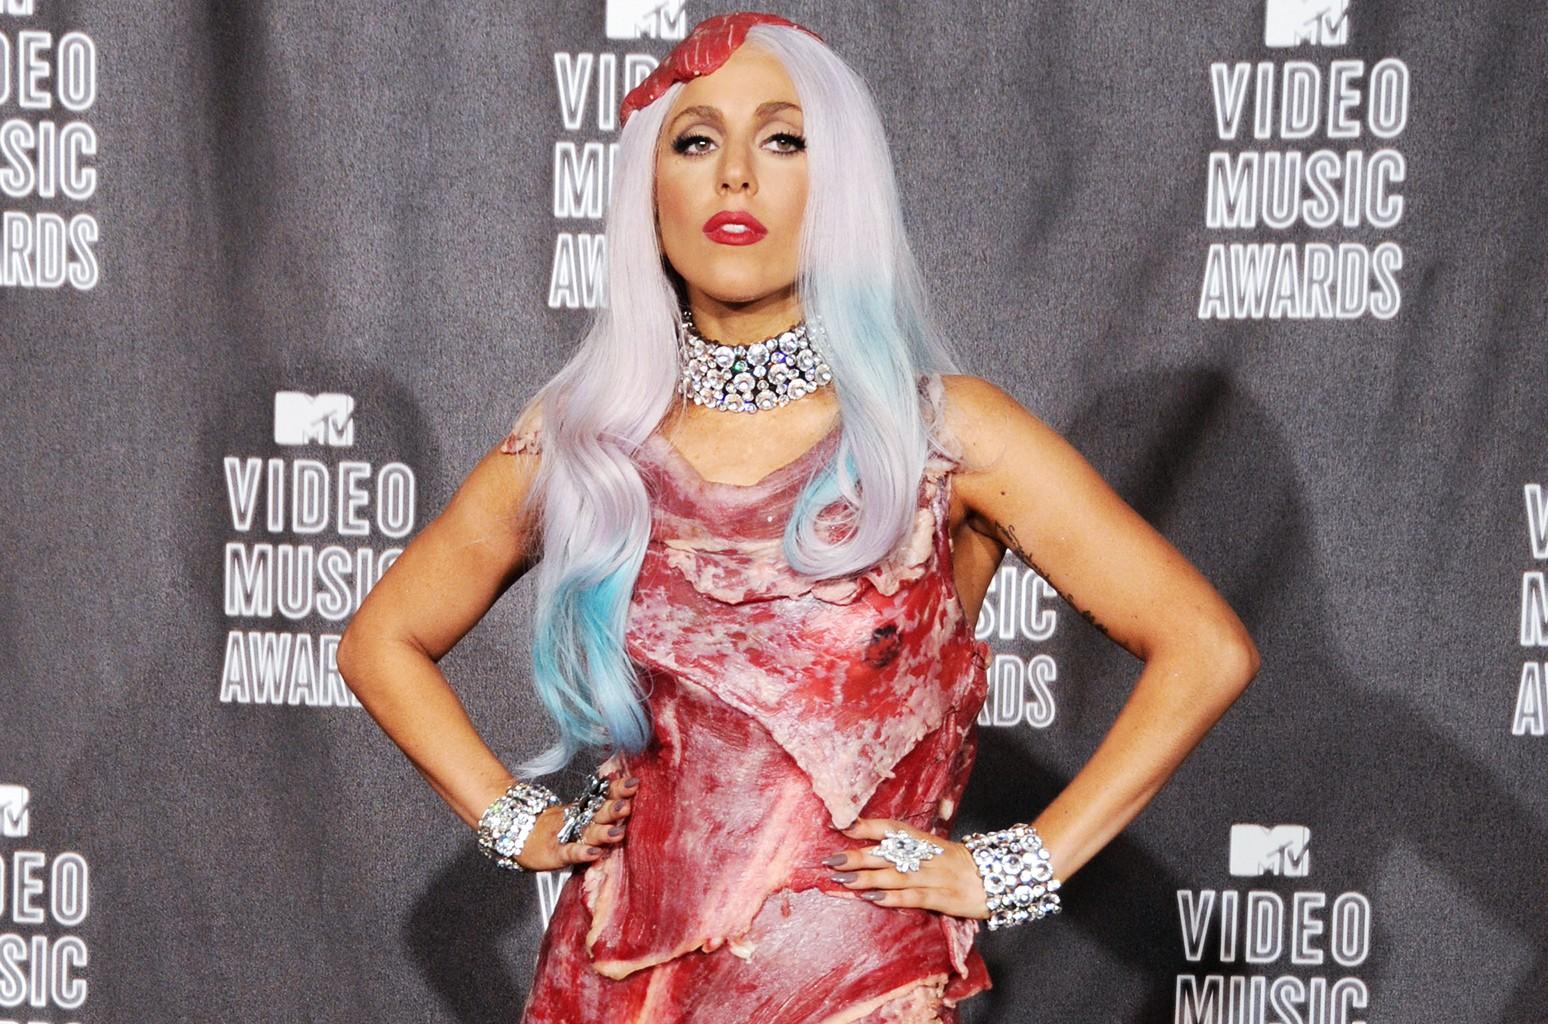 Lady Gaga at the 2010 MTV Video Music Awards